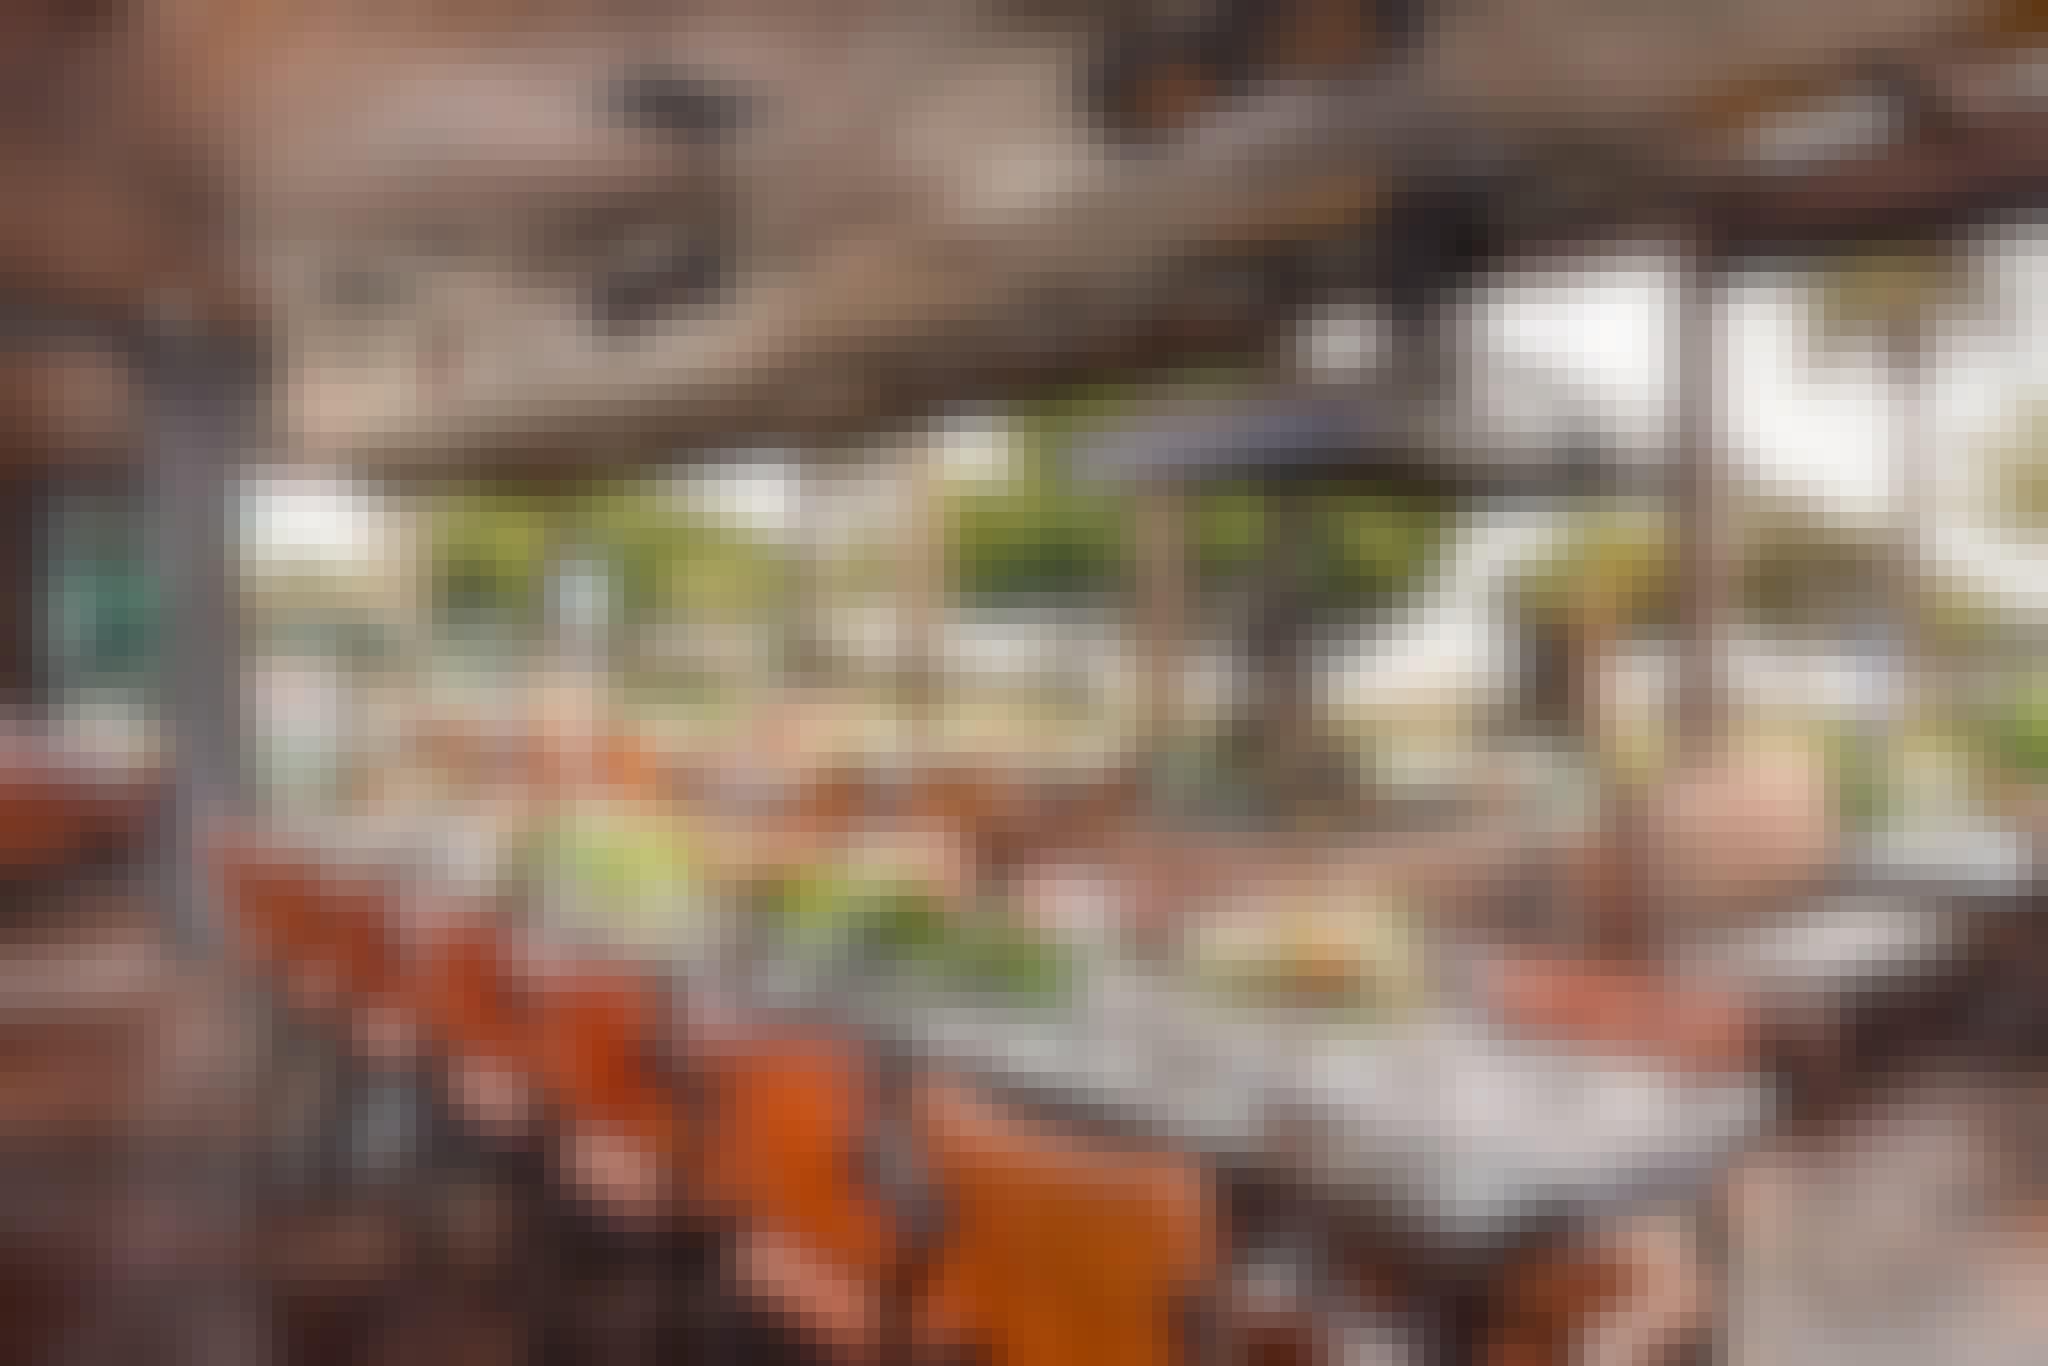 open sliding glass door system in indoor/outdoor restaurant